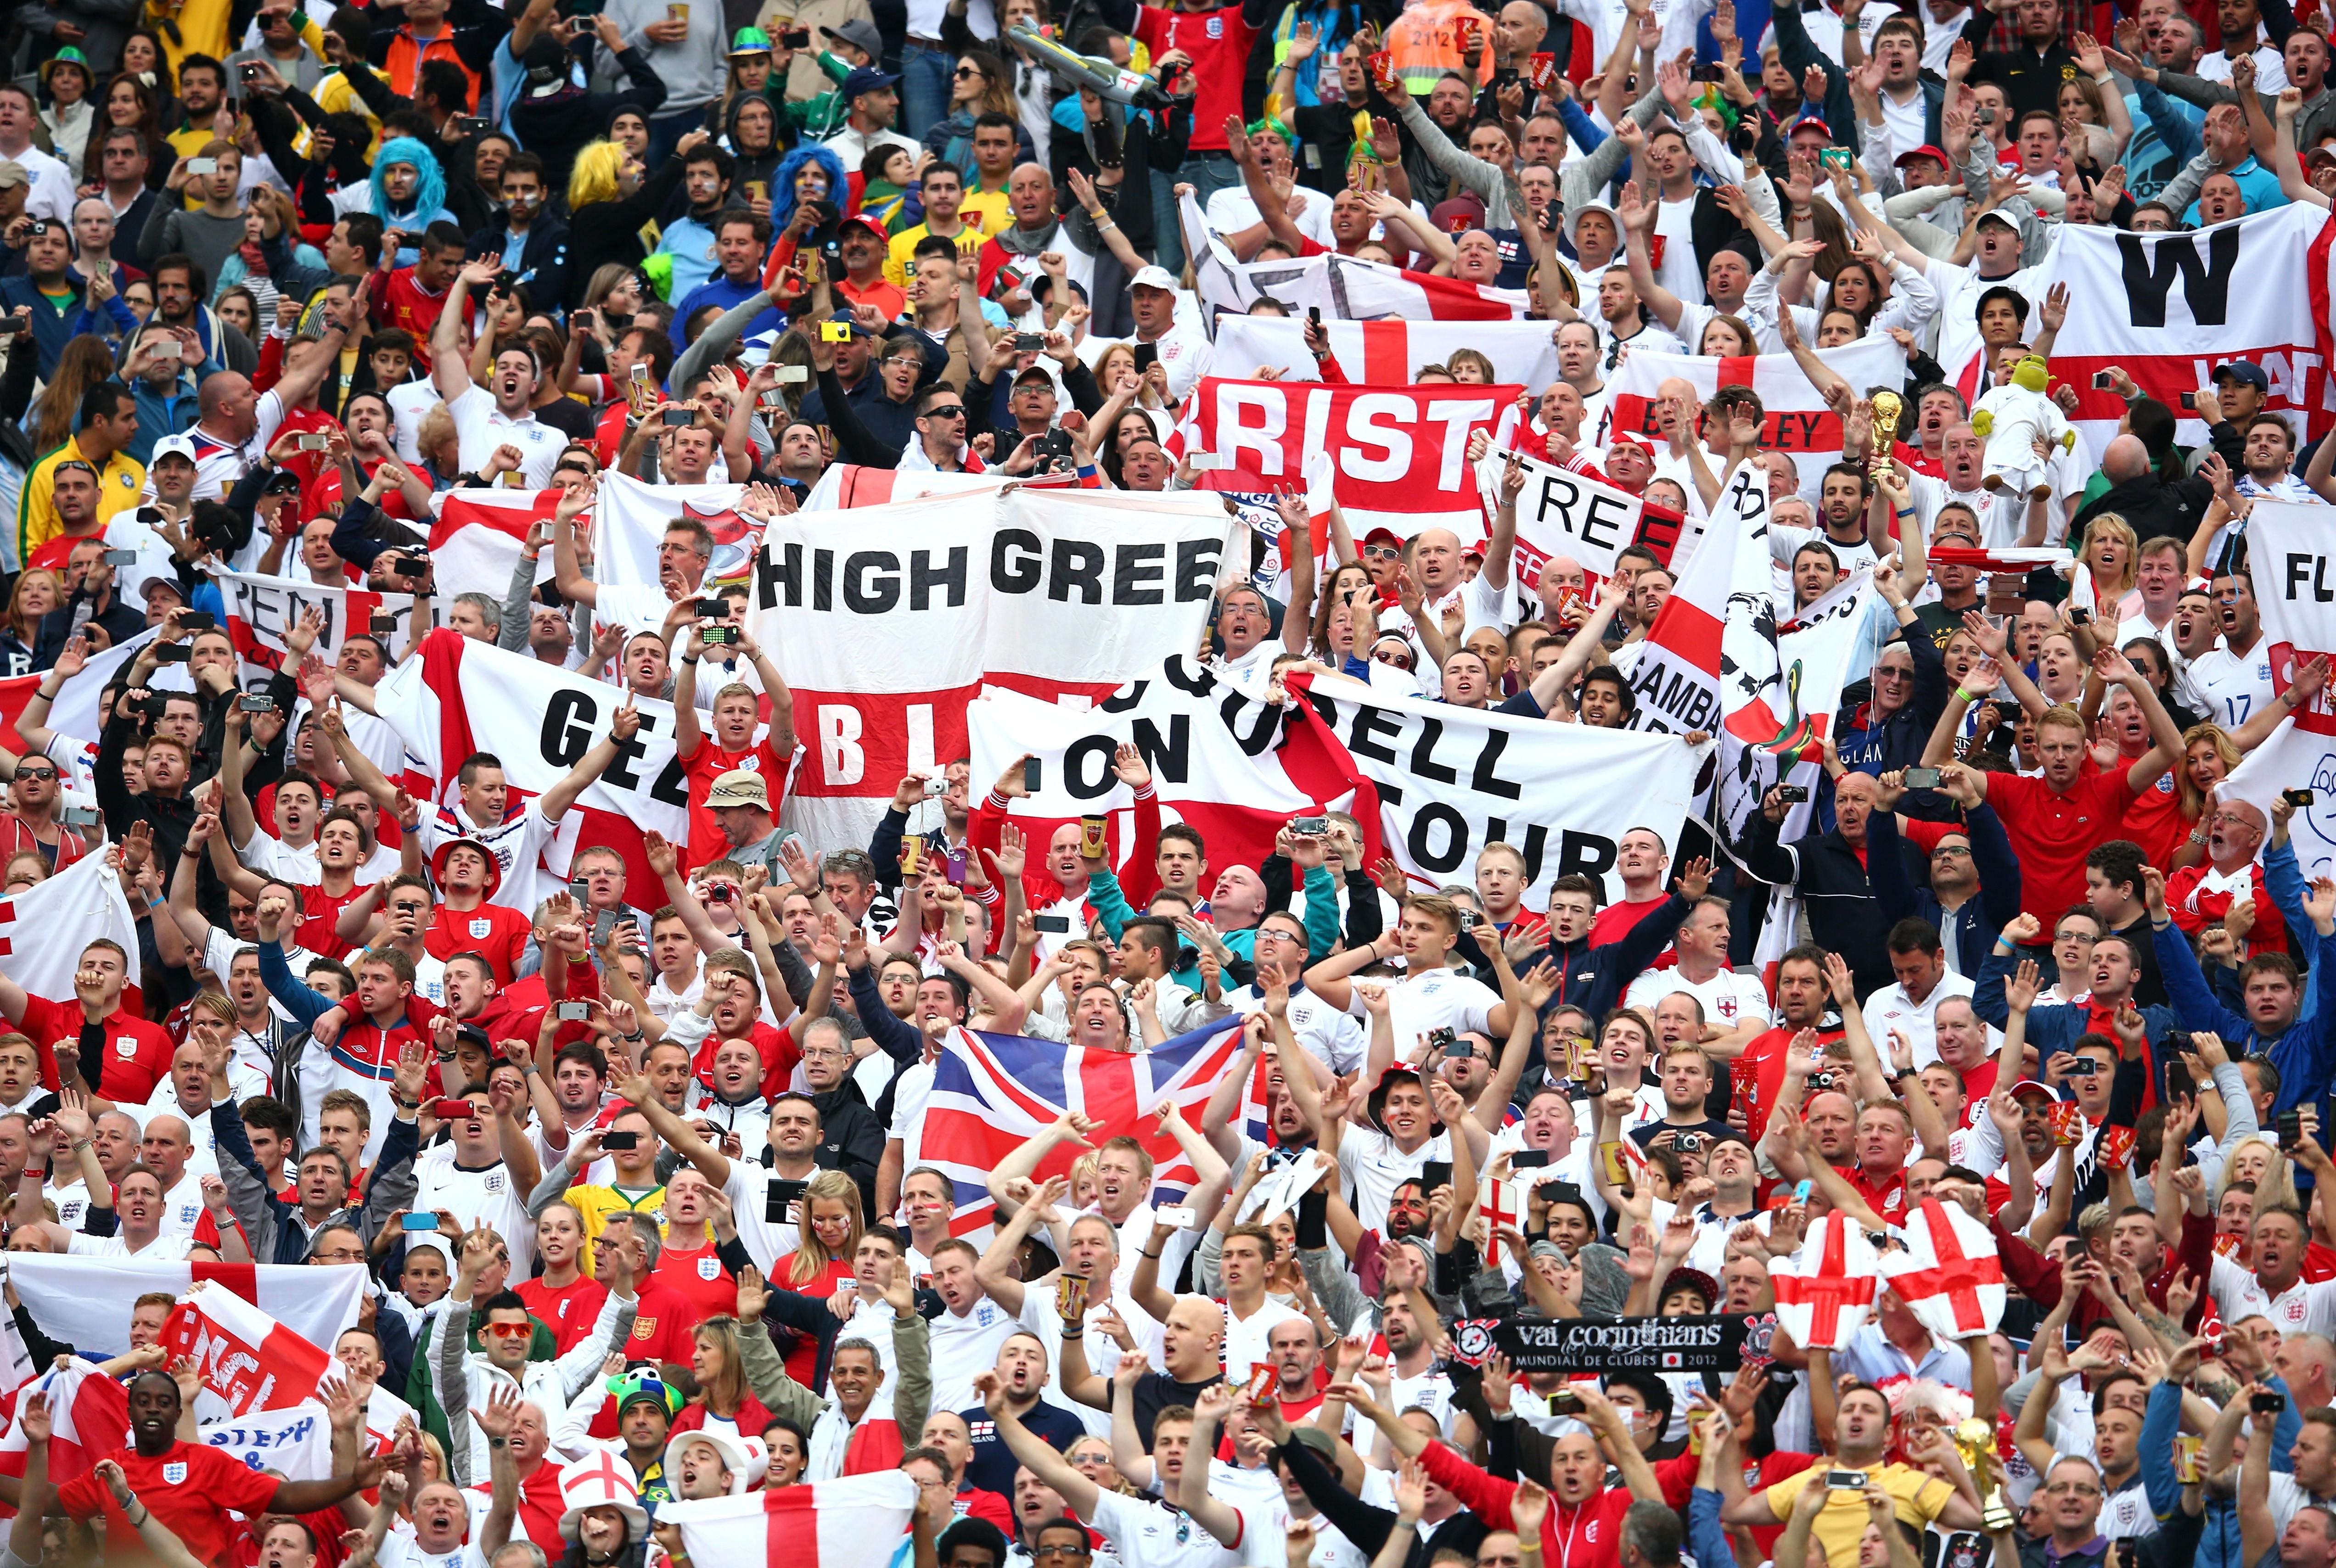 Уругвай - Англия 2:1. Большое возвращение Суареса - изображение 4